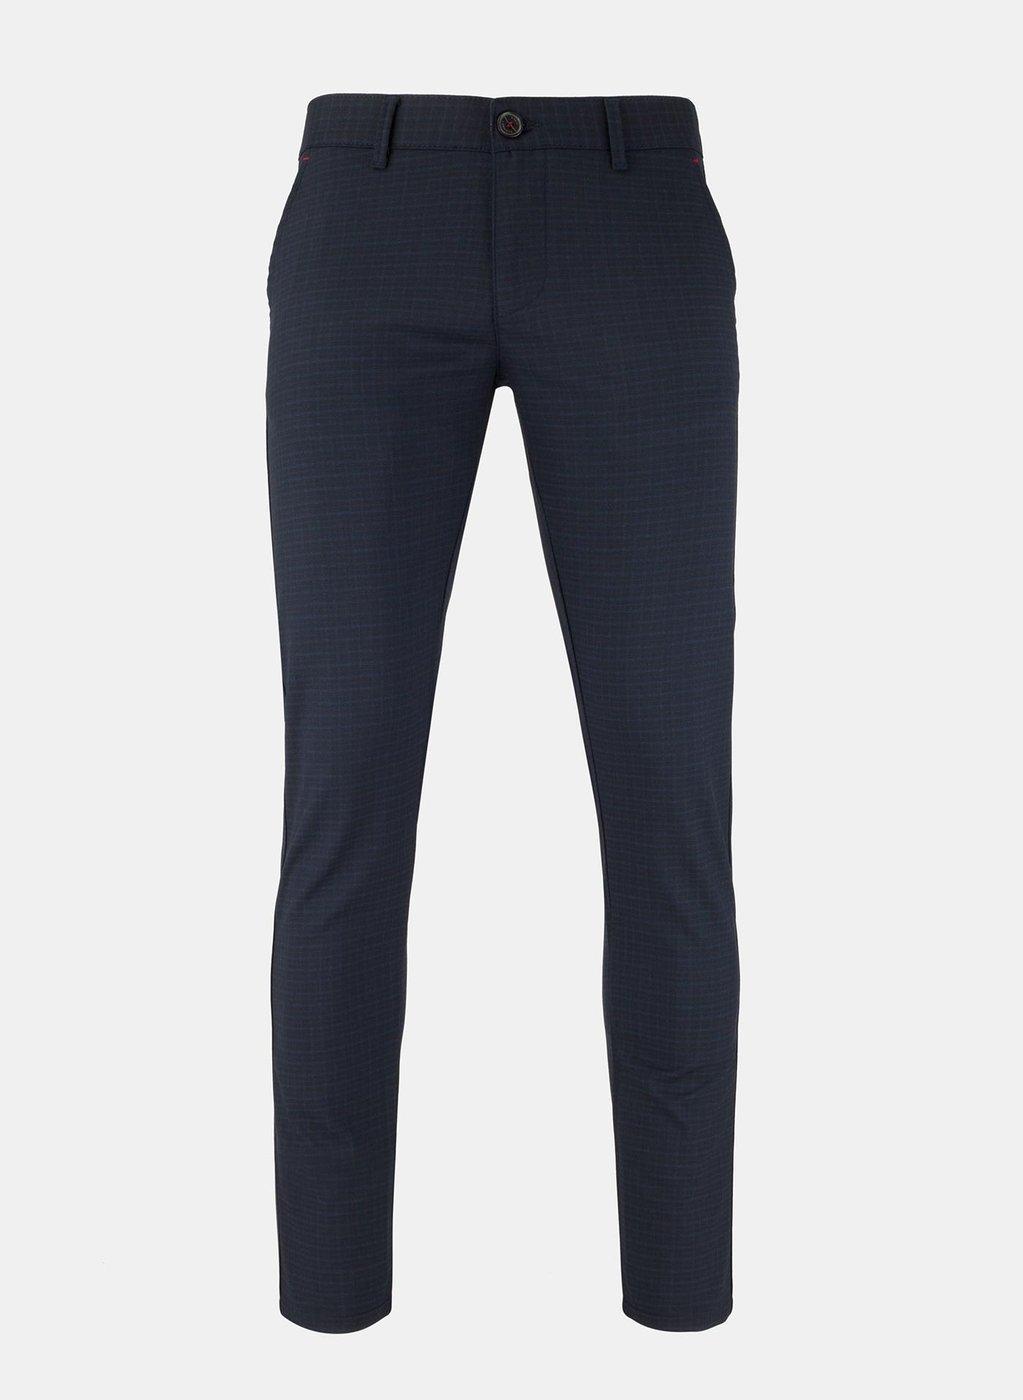 Spodnie męskie LOYN PLM-WX-198-C